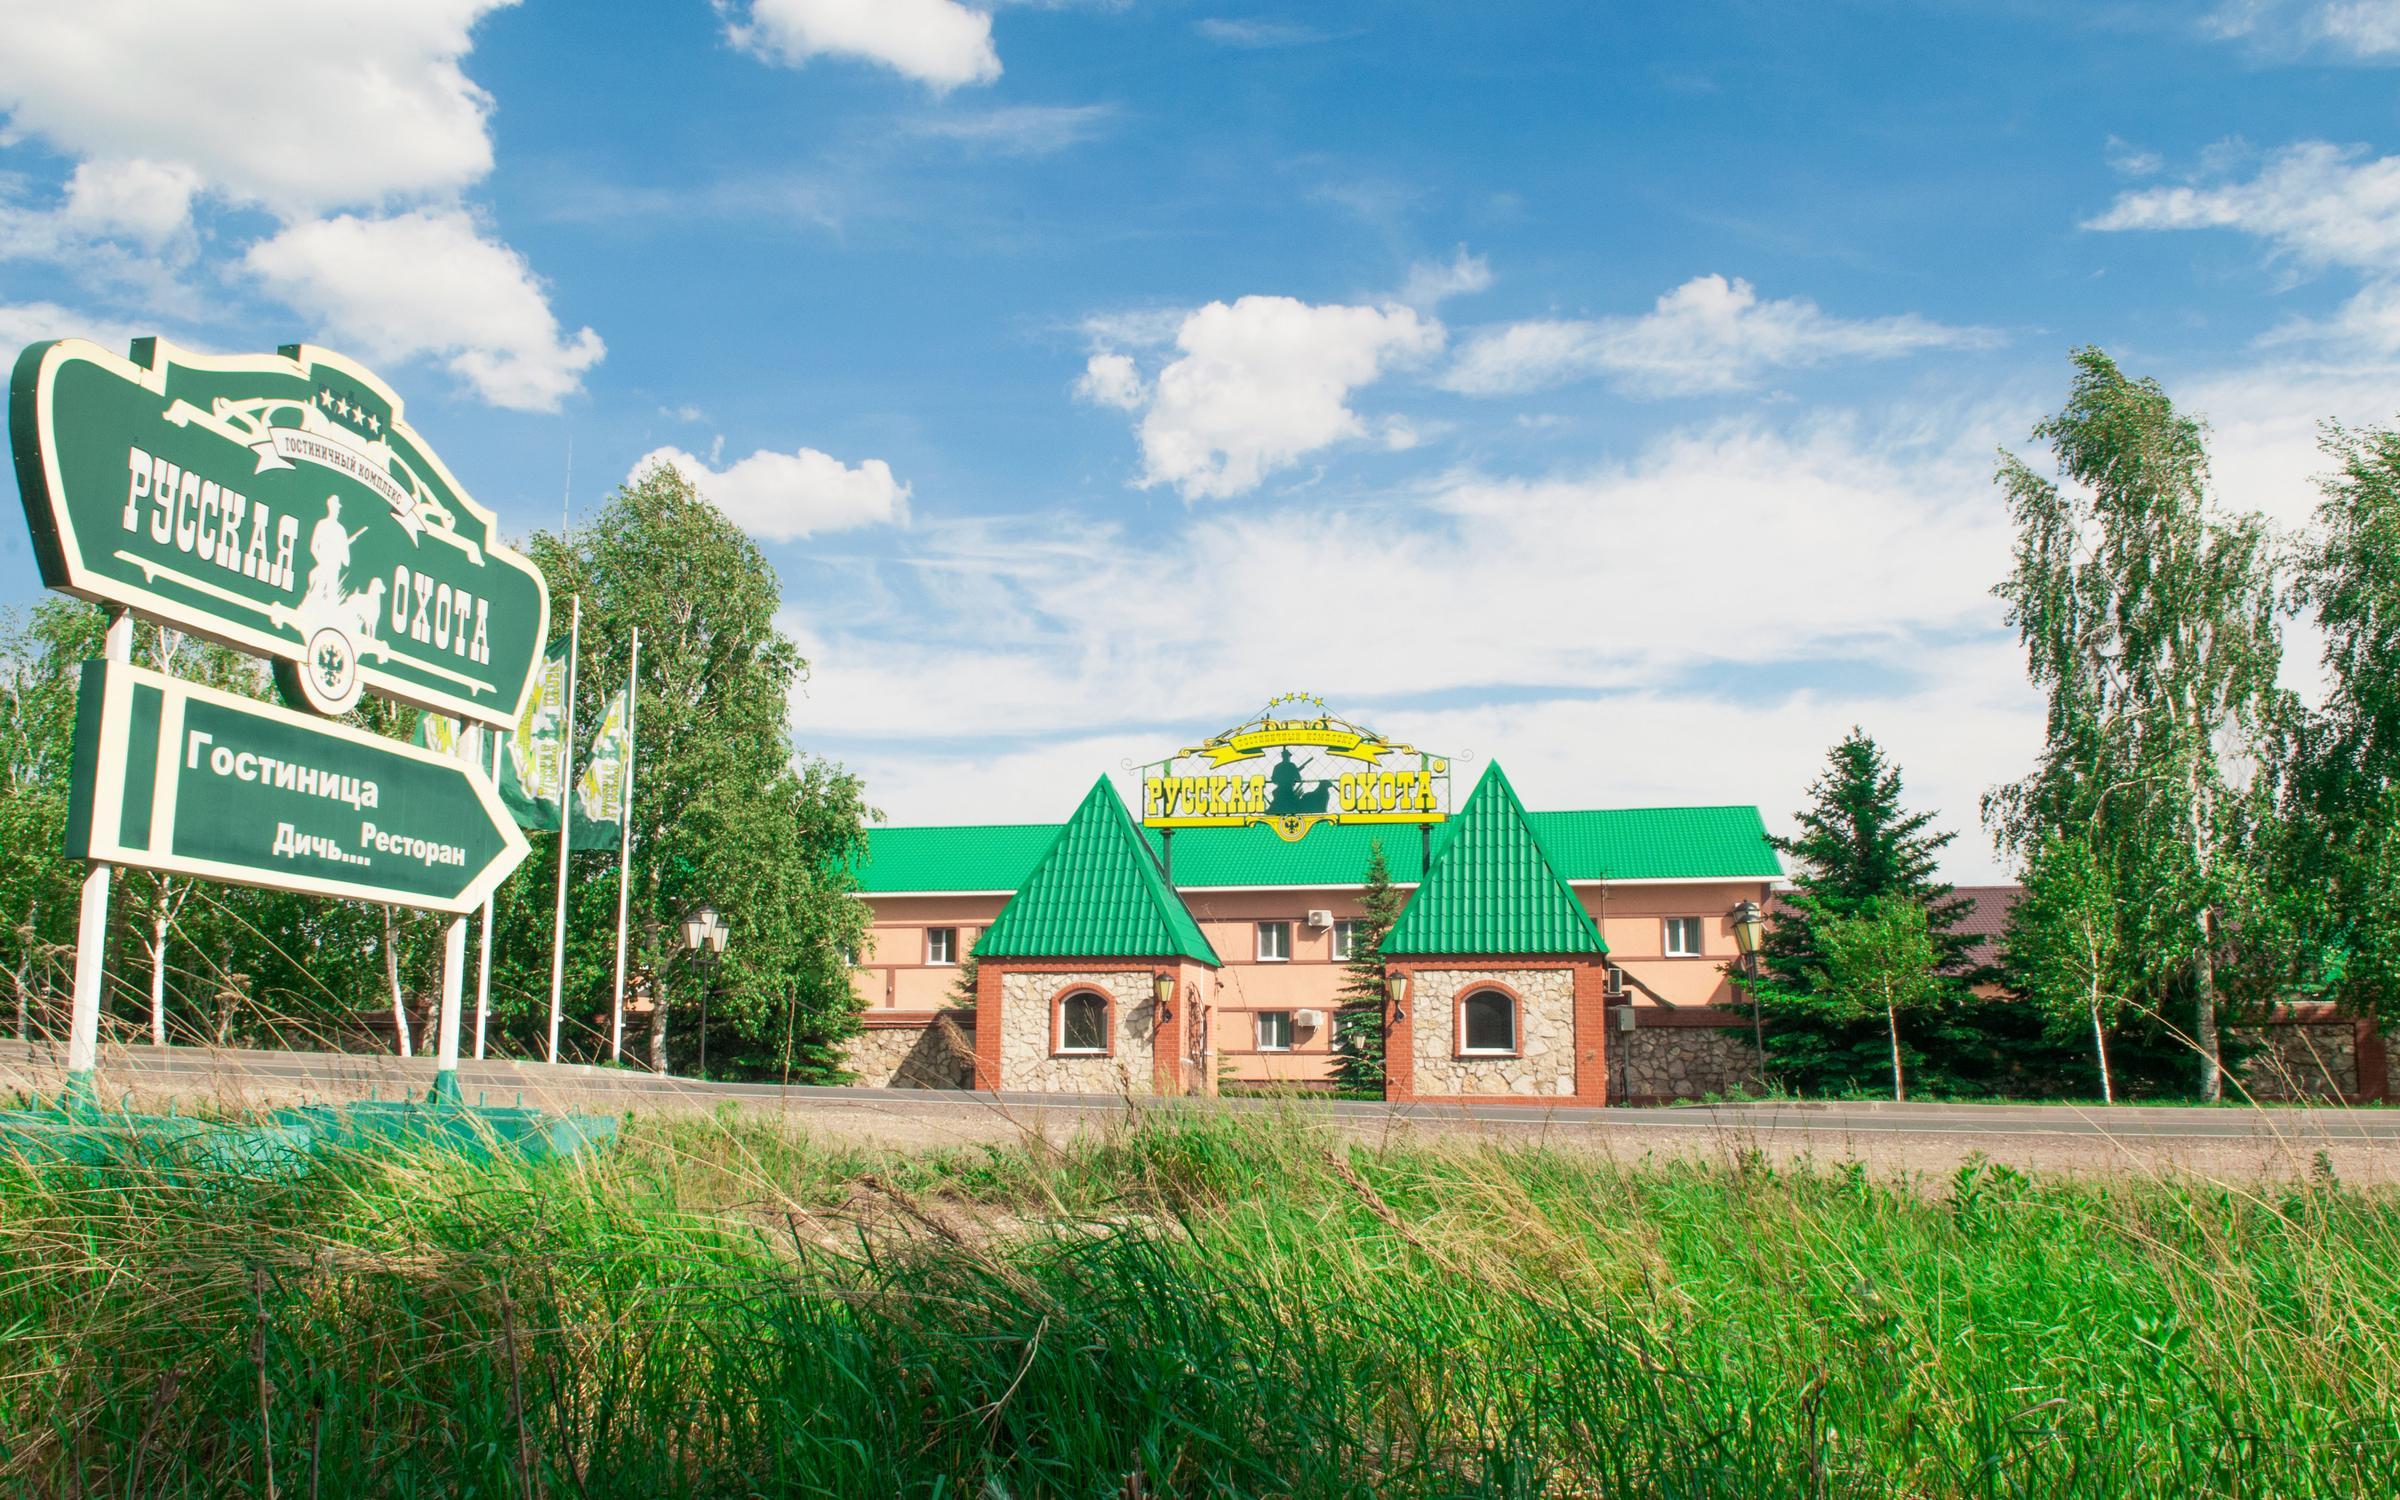 фотография Гостиничный комплекс Русская охота